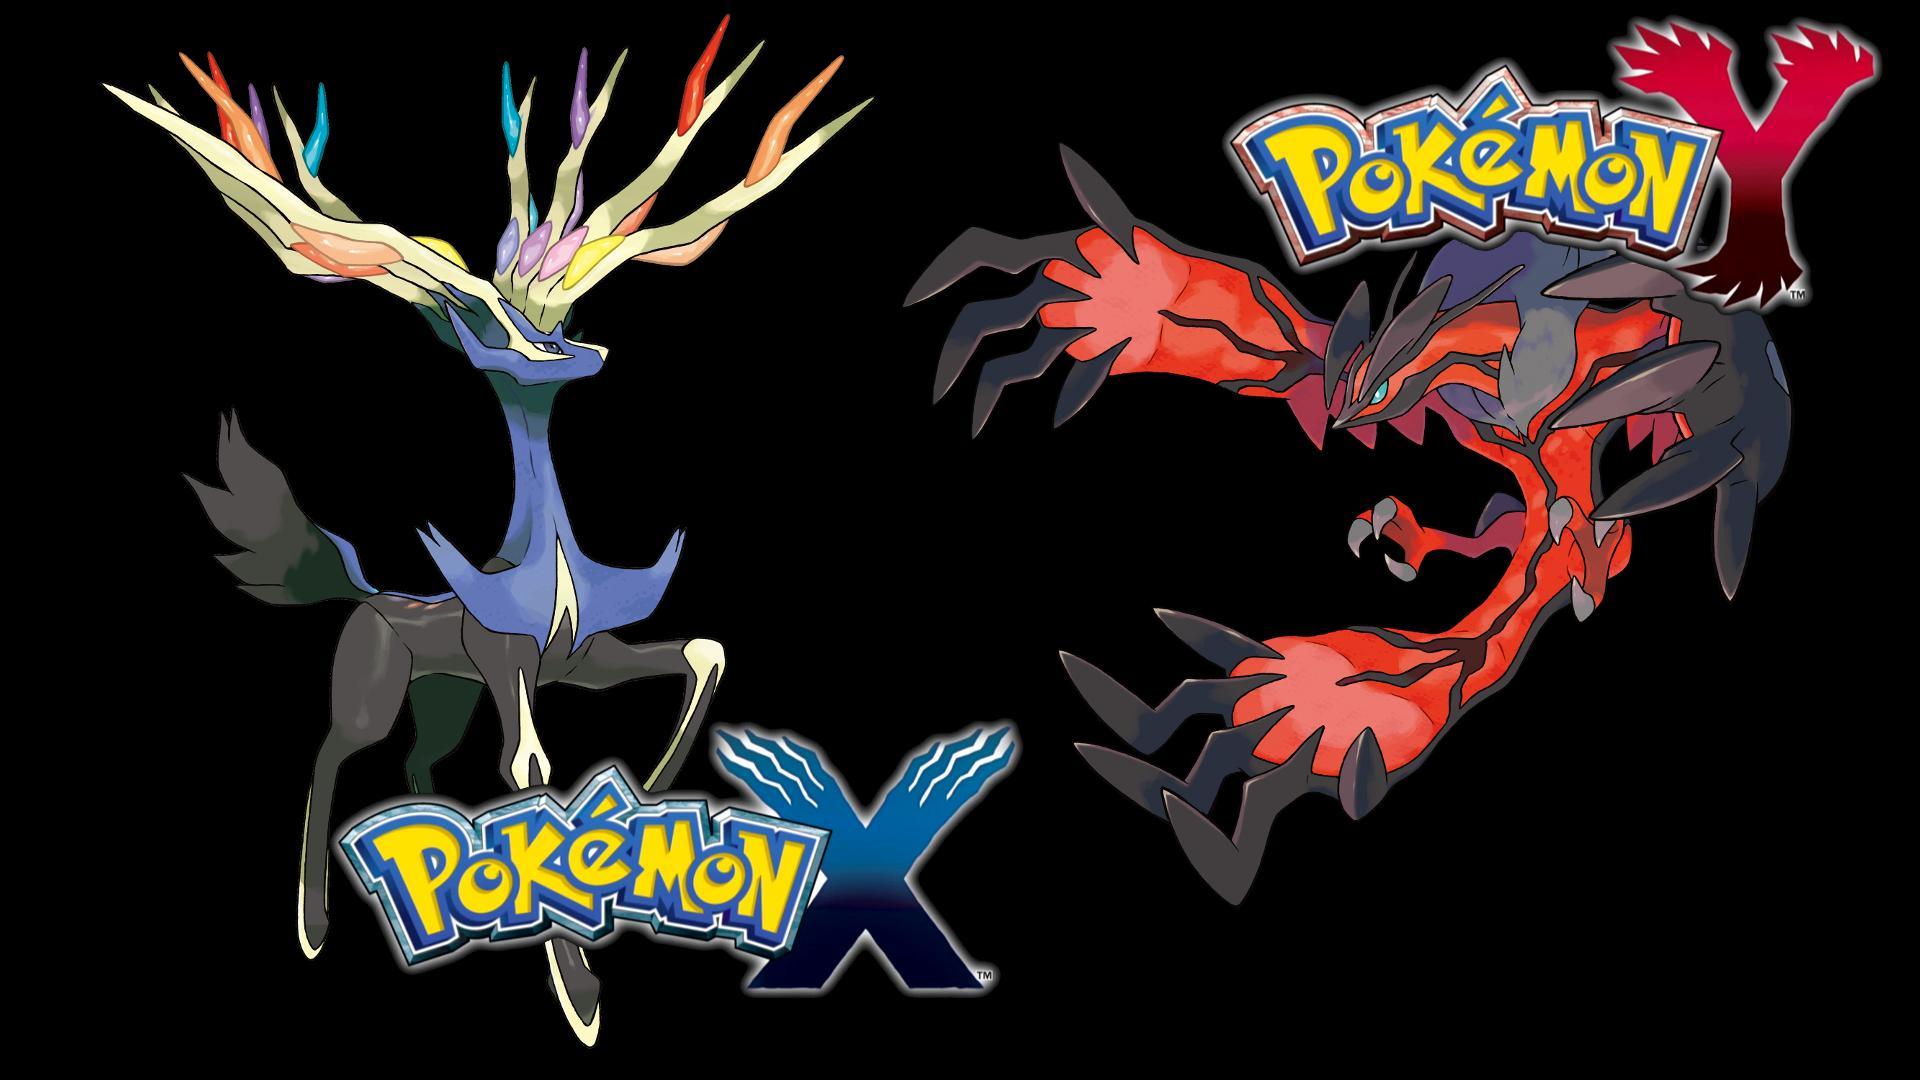 Pokémon X et Pokémon Y